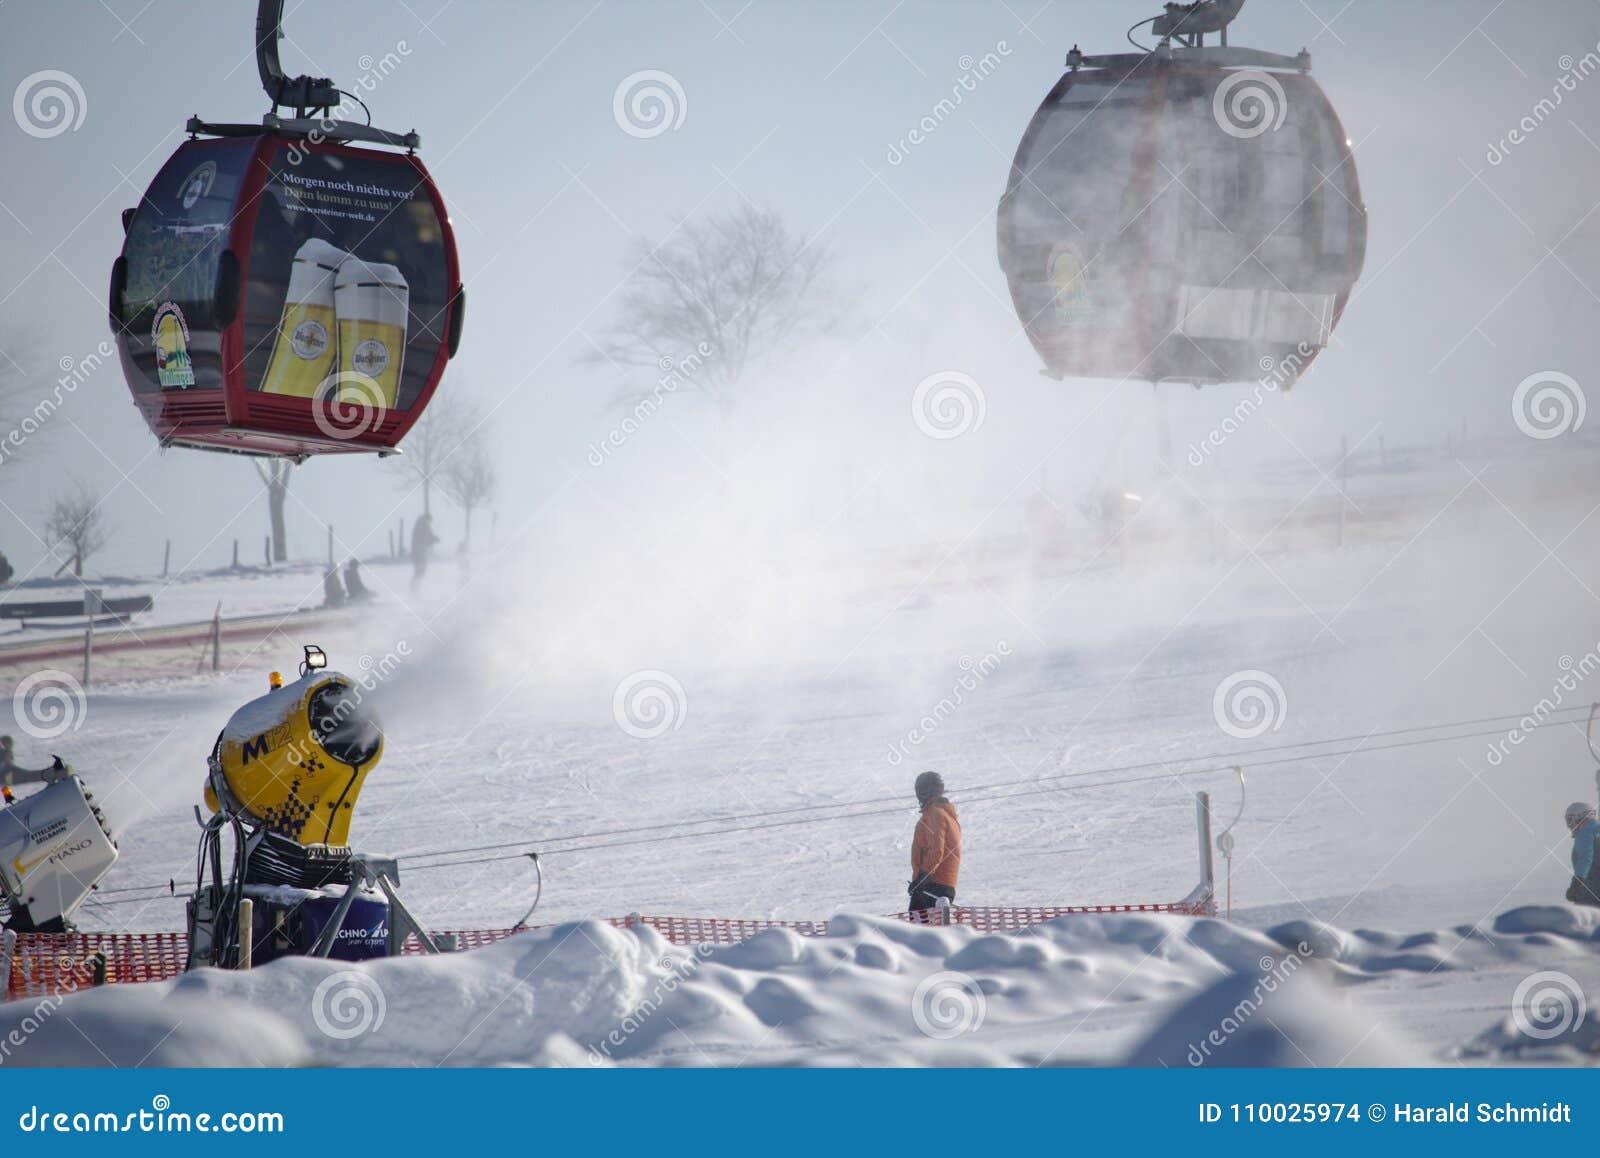 Willingen、德国- 2018年2月7日, -与长平底船推力和雪大炮粉状雪射击云彩的滑雪坡道